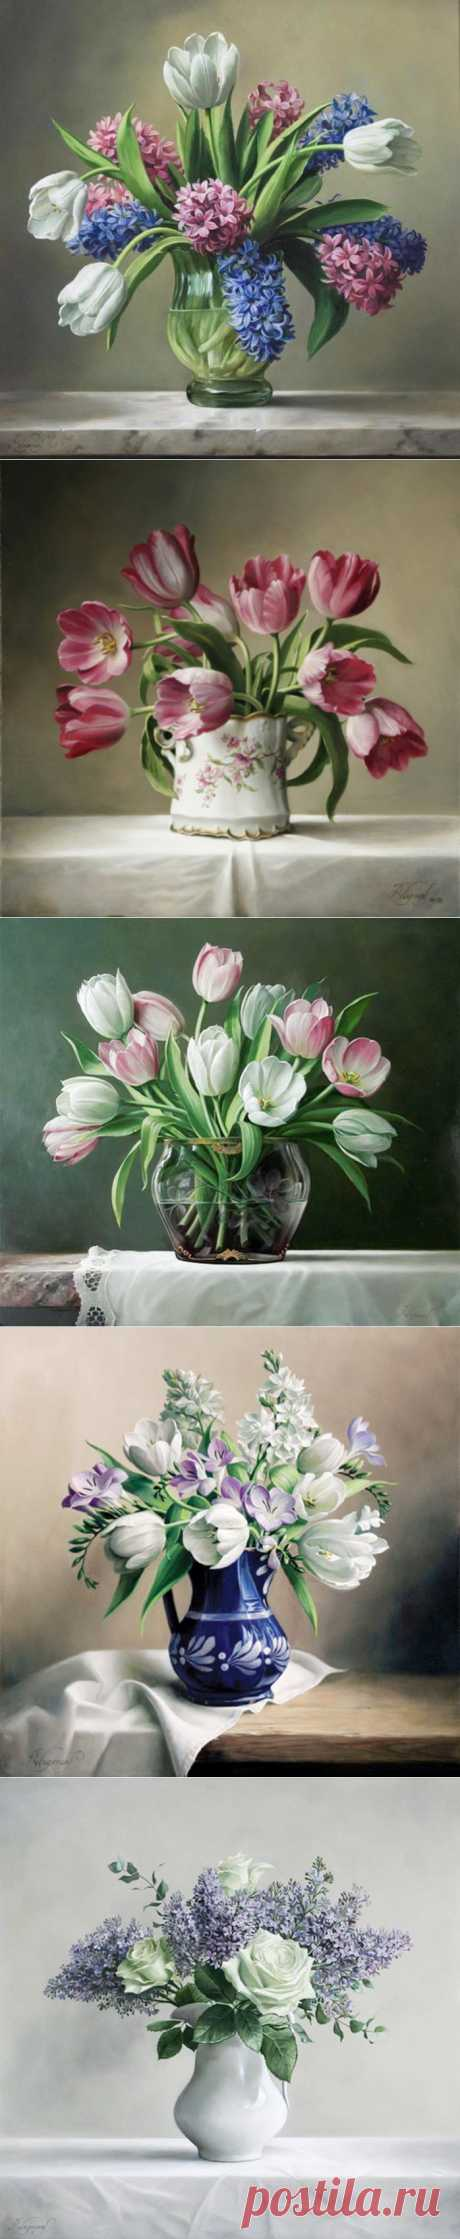 Цветочные букеты и натюрморты от Pieter Wagemans.